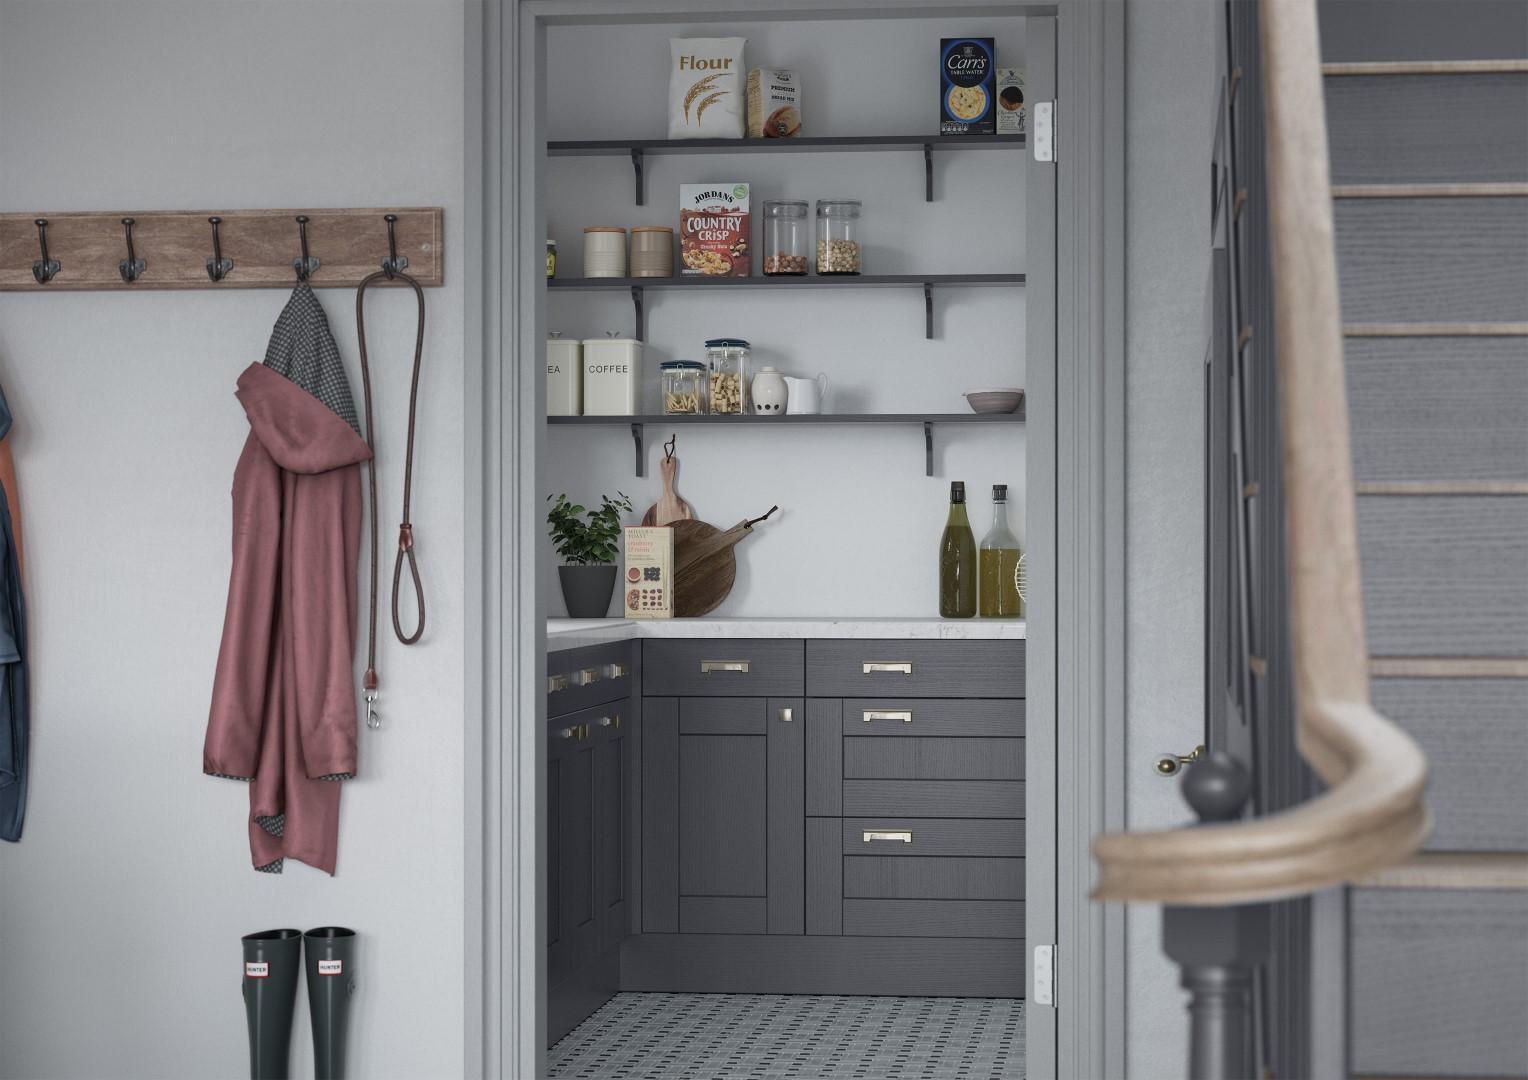 Kensington Indigo - Kitchen Design - Alan Kelly Kitchens - Waterford - 5